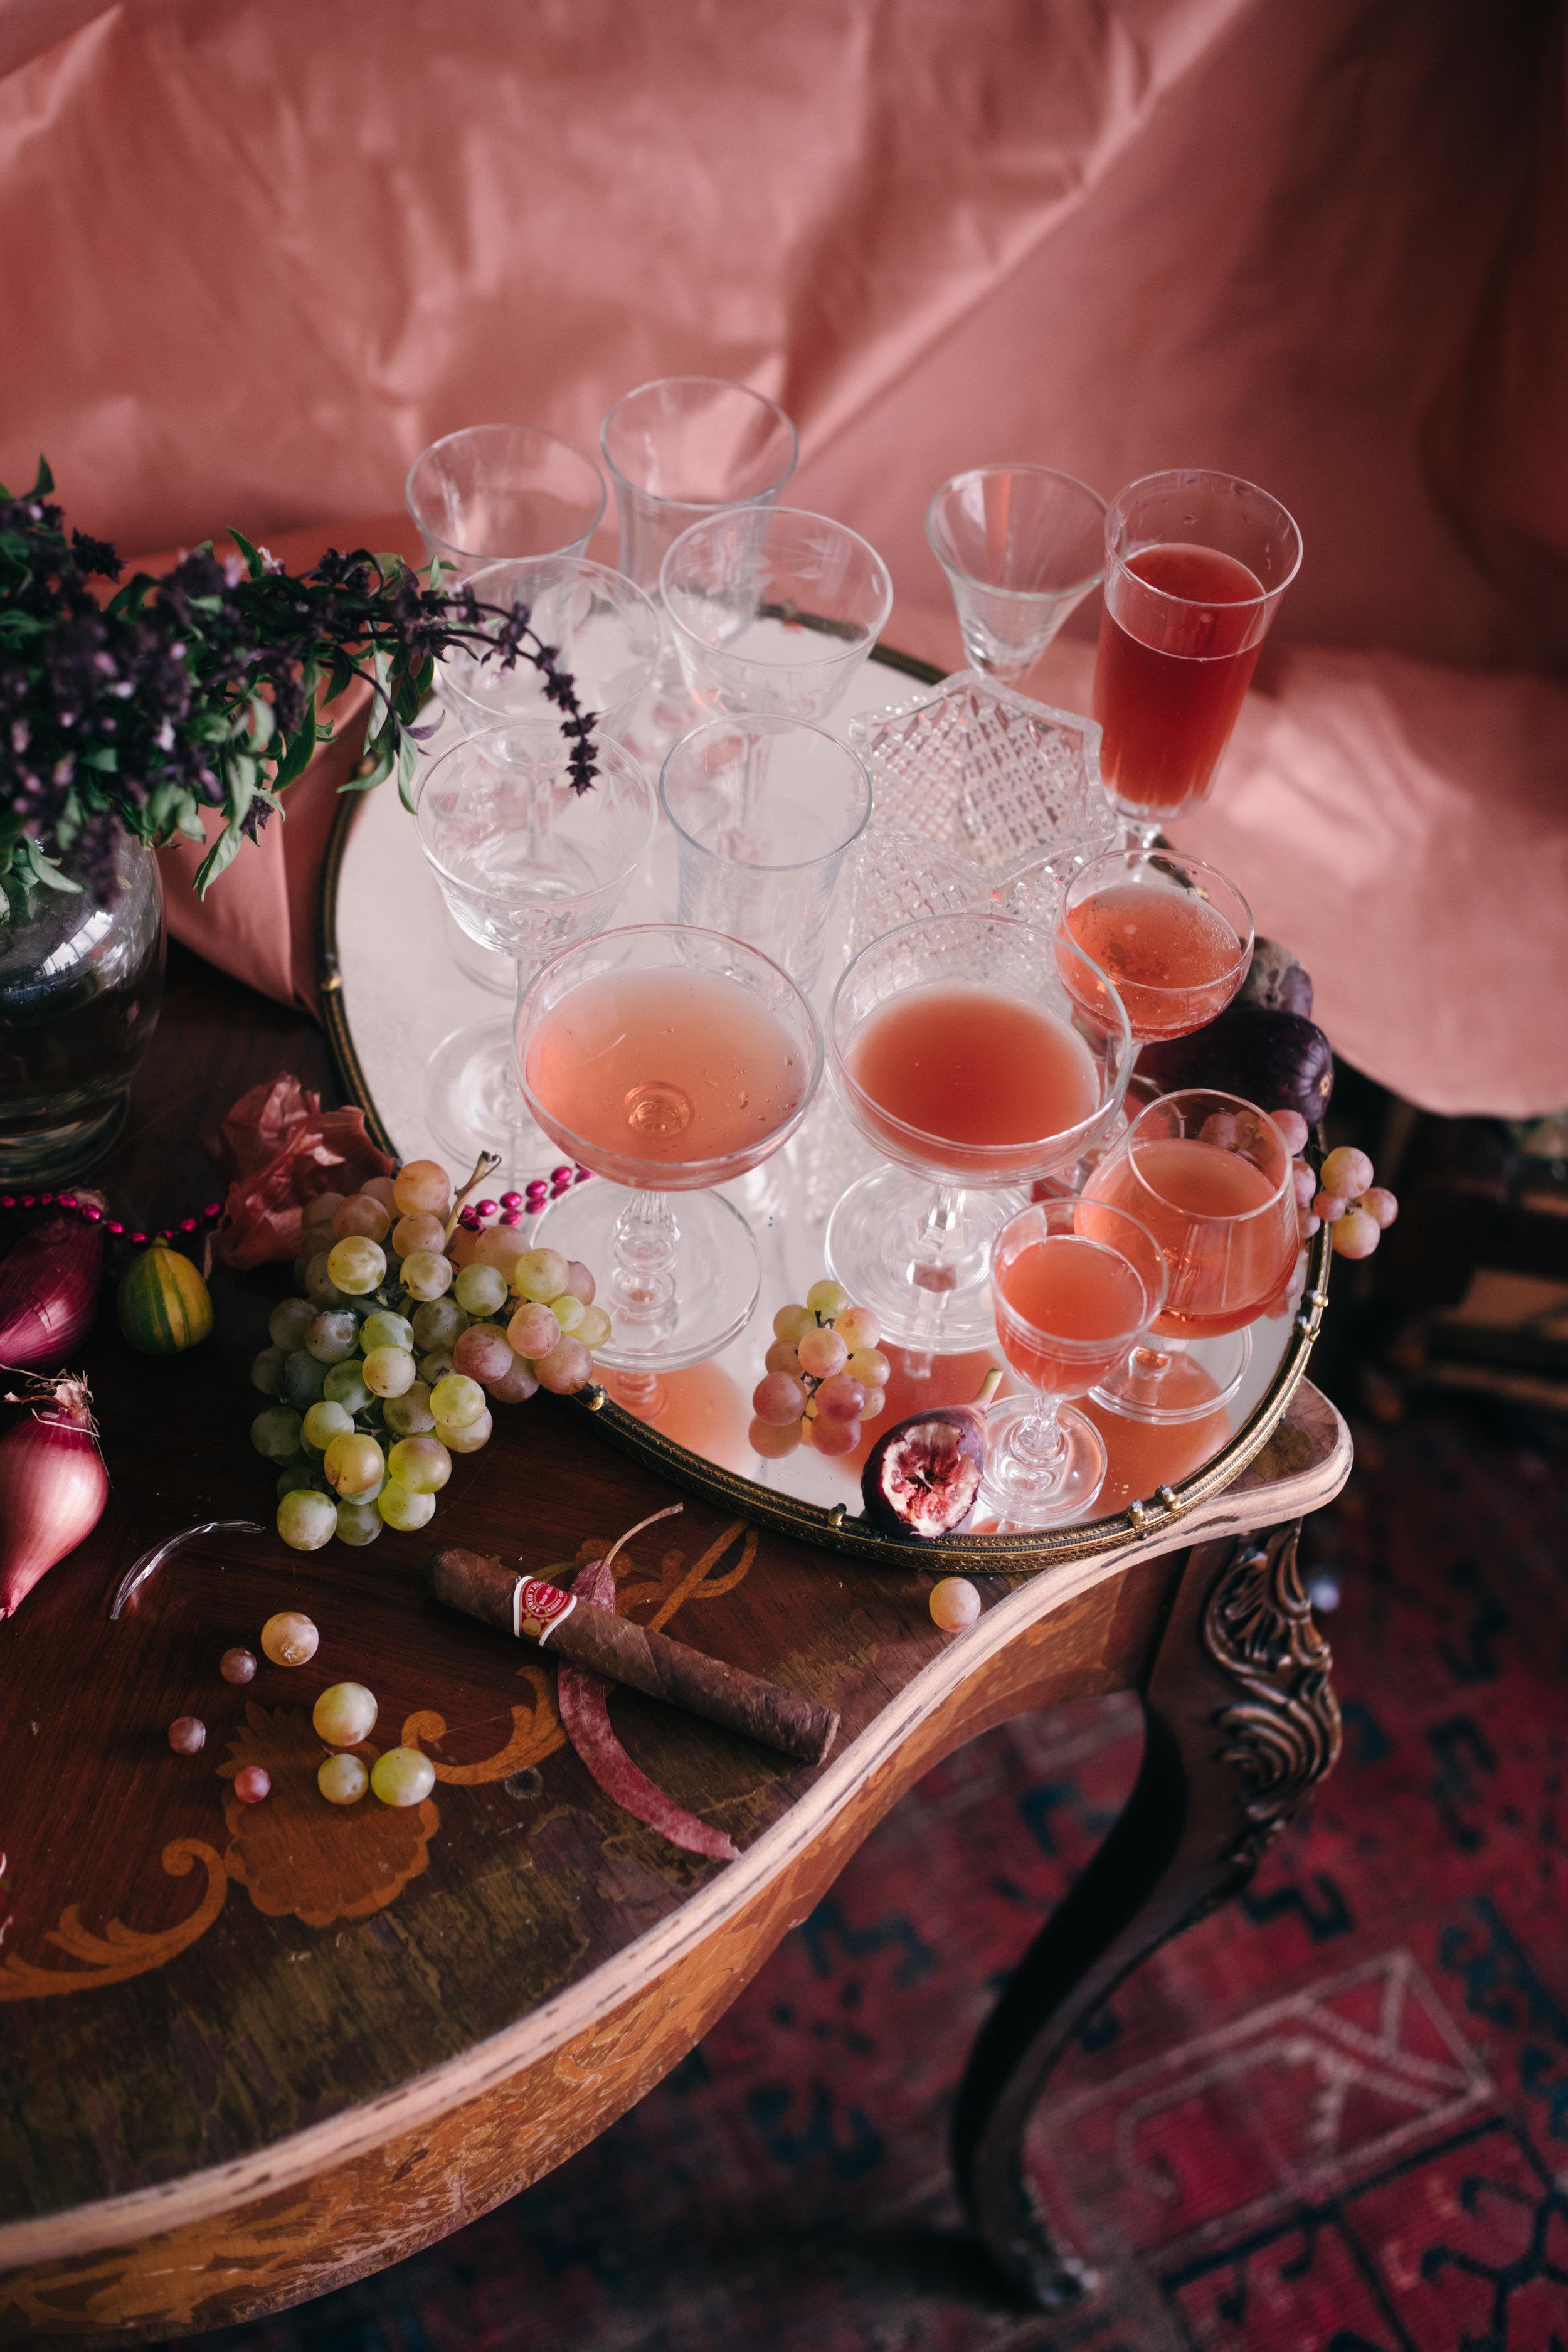 Drinks5215 (1 of 1).jpg